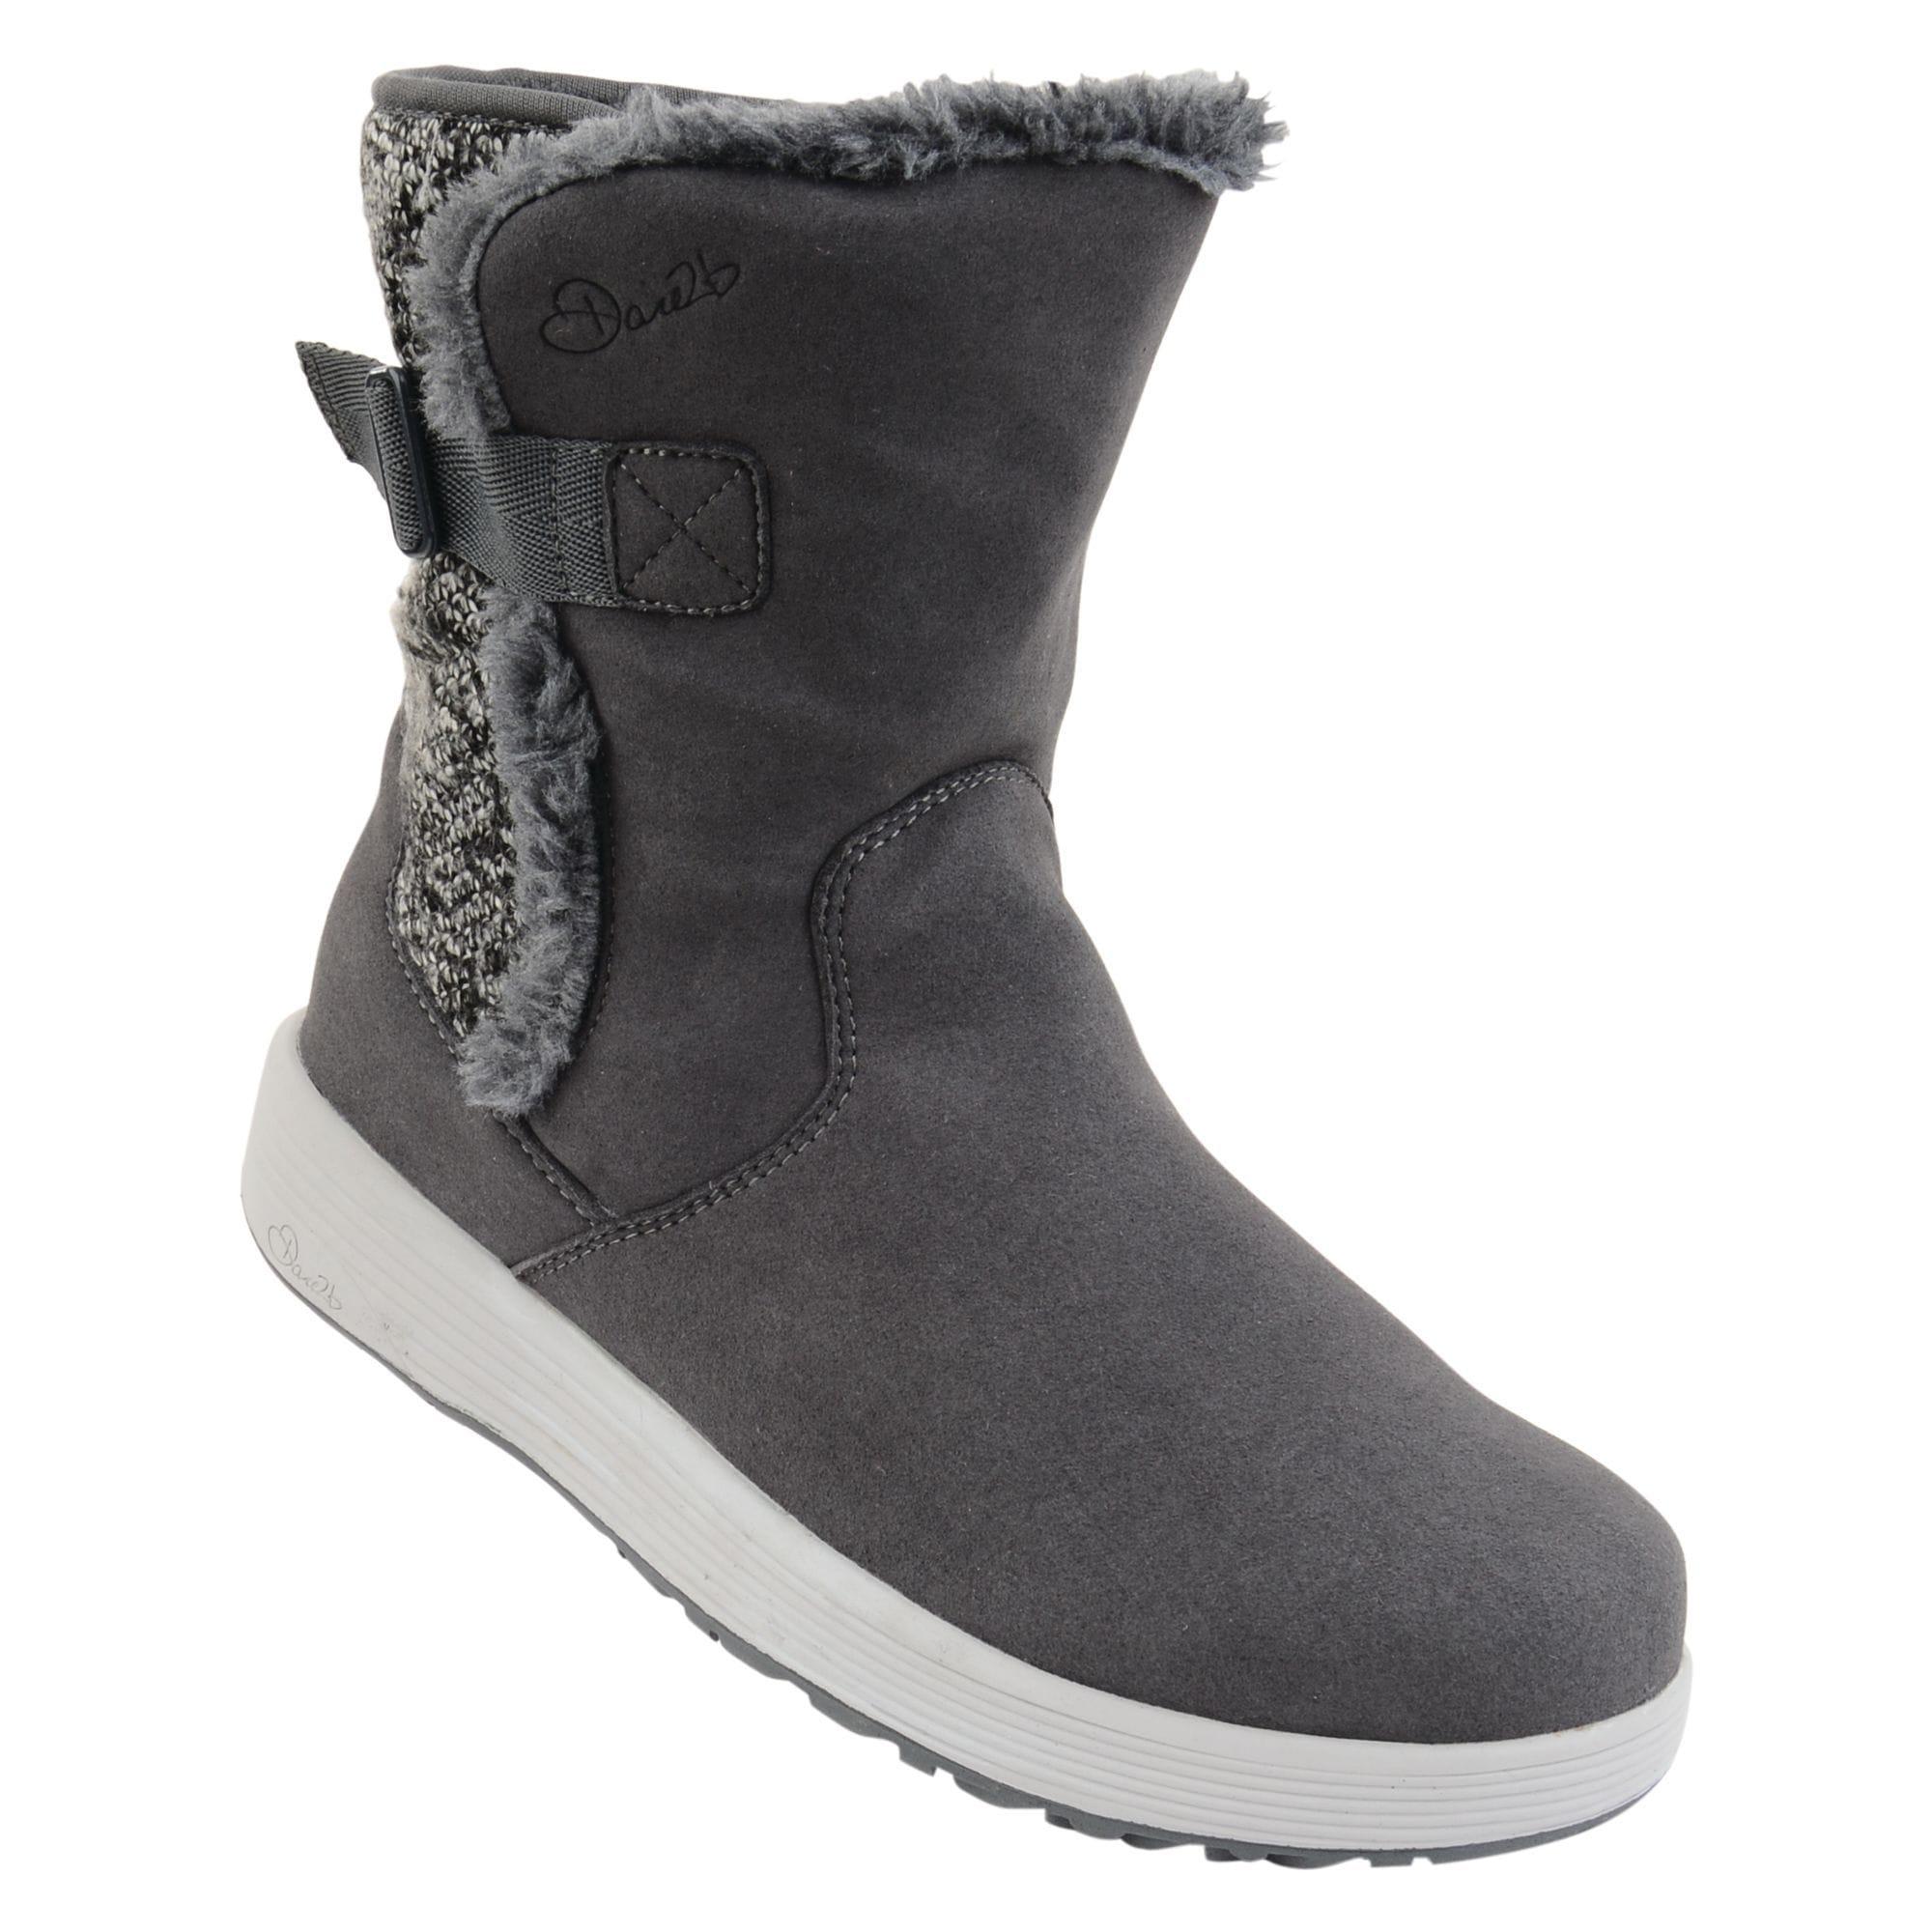 Dare2b Snowboots Damen Schneestiefel Morzine | Schuhe > Boots > Snowboots | Dare2b